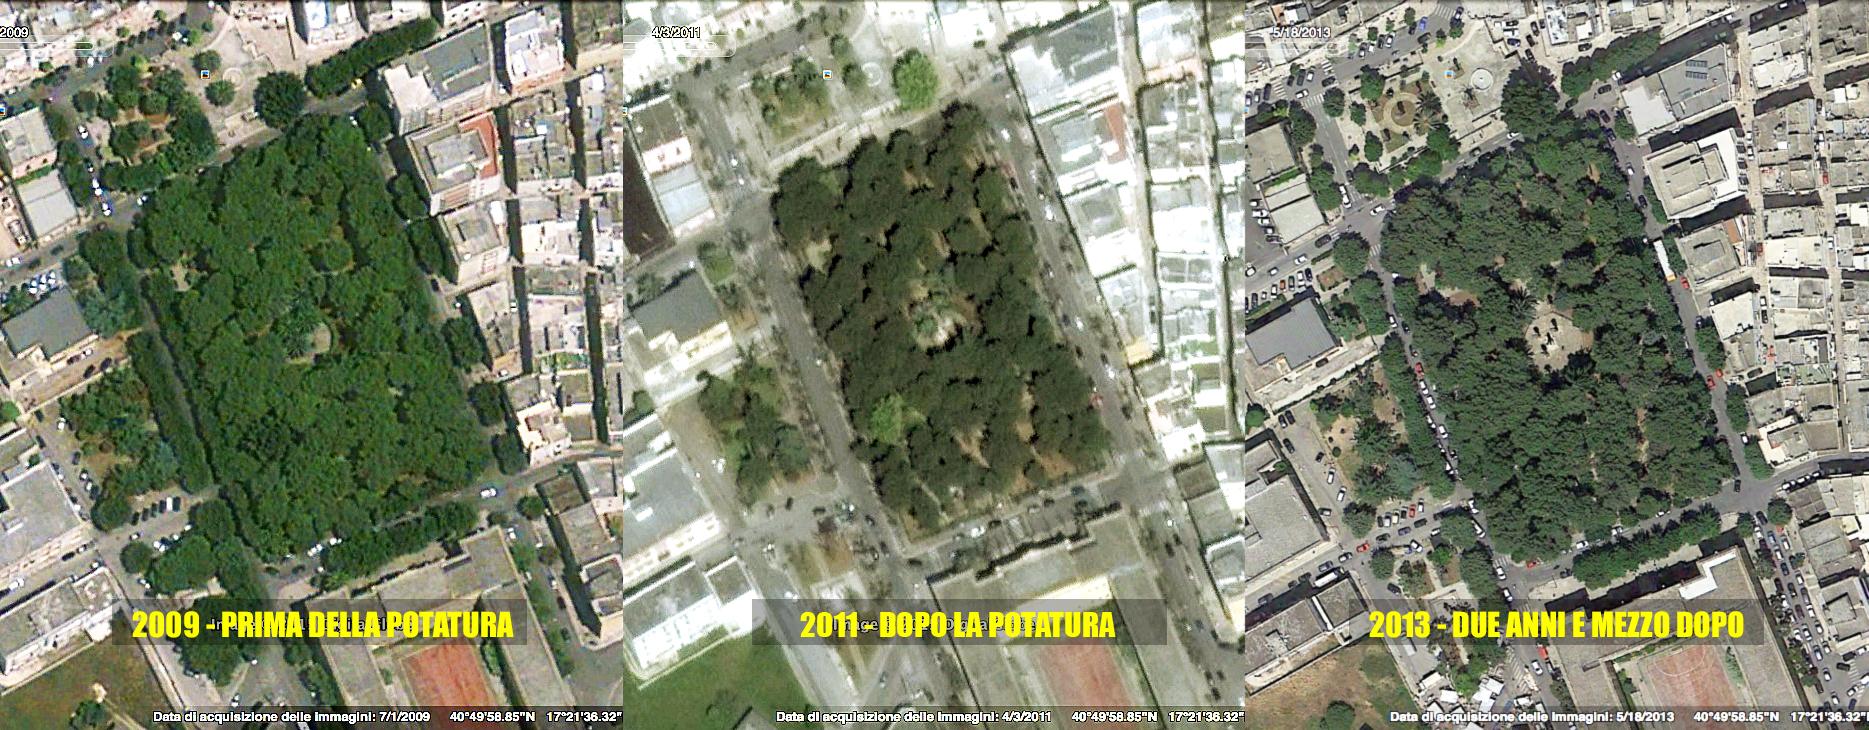 Fotogrammetria in sequenza del Parco della Rimembranza a Fasano; 2009 prima della potatura, 2011 dopo la potatura, 2013 due anni e mezzo dopo la potatura